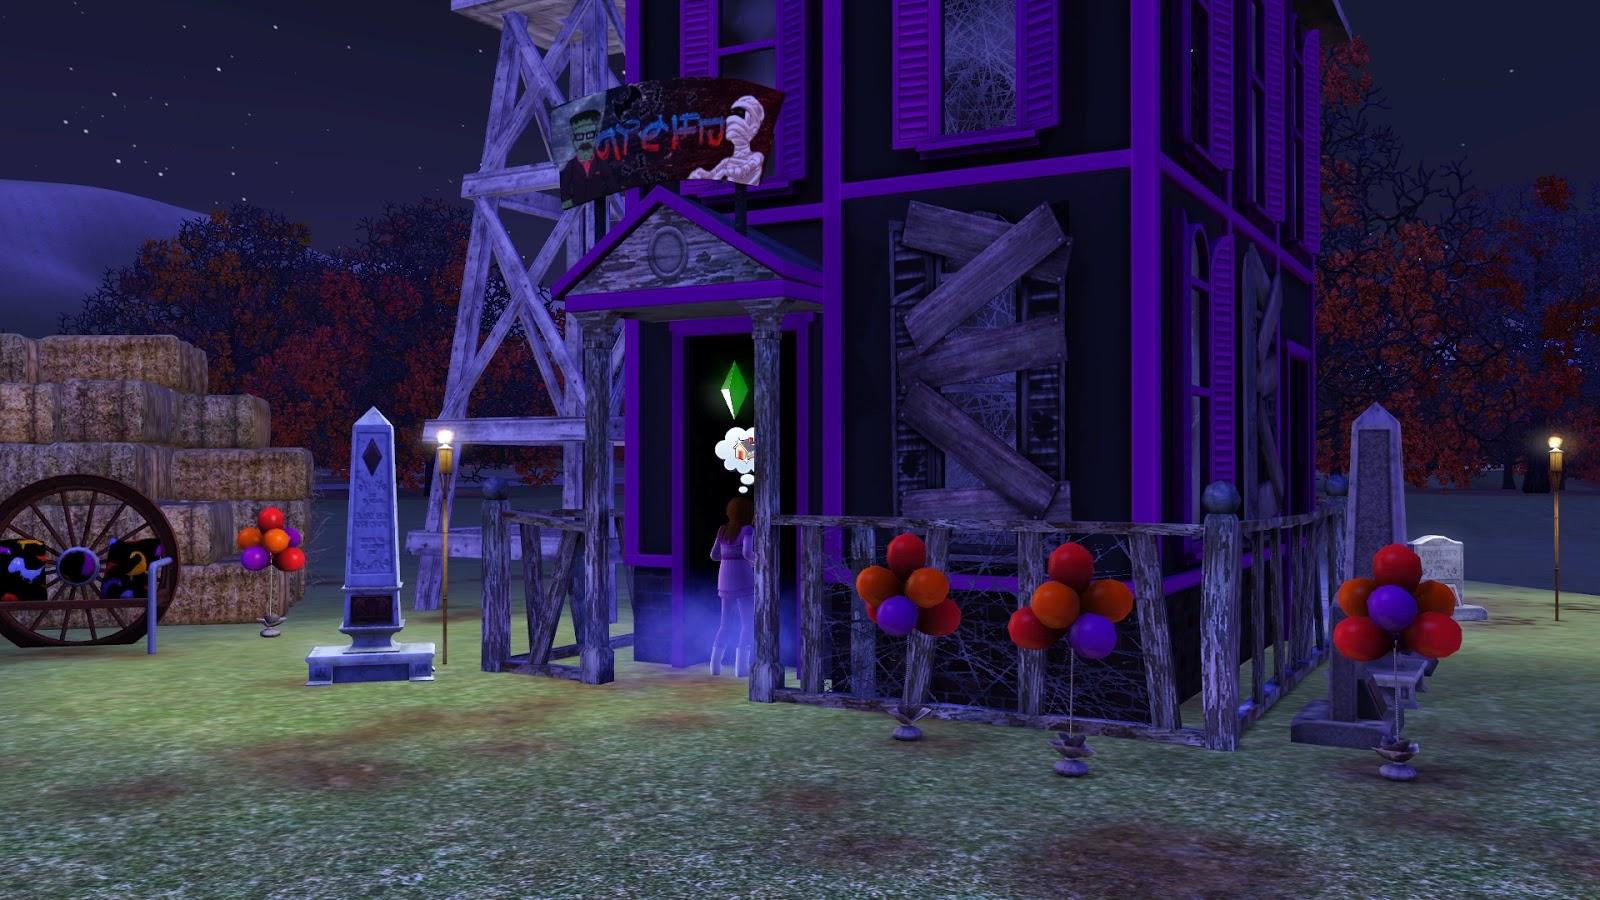 SimsTias - En Simsblogg/nyhetsajt: Lite Höstbilder Från The Sims 3 ...